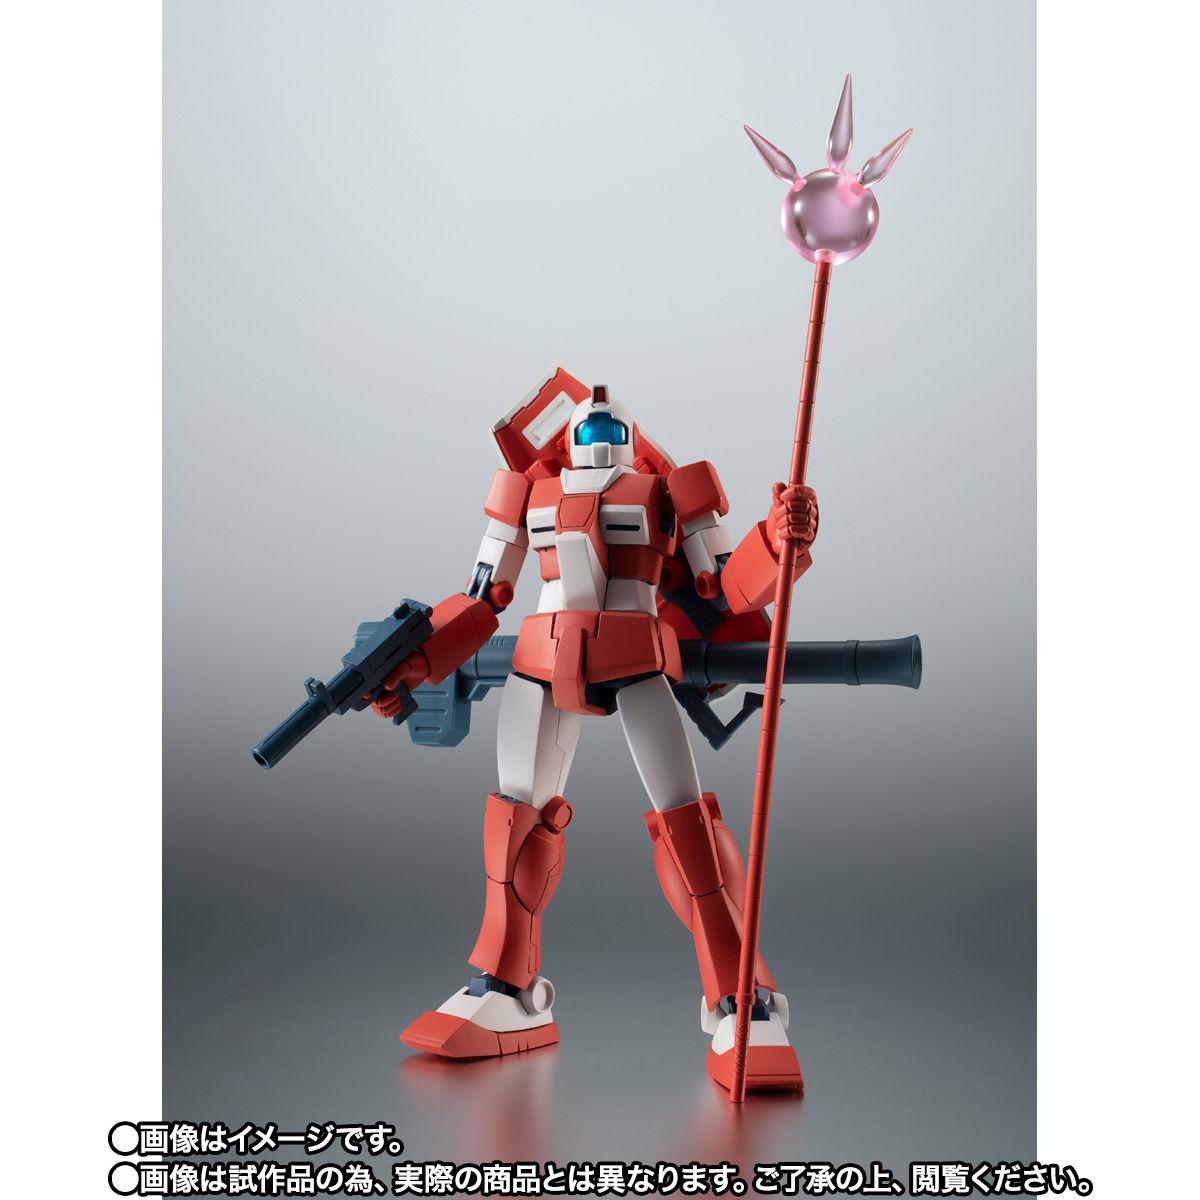 【限定販売】ROBOT魂〈SIDE MS〉『RGM-79L ジム・ライトアーマー ver. A.N.I.M.E.』ガンダムMSV 可動フィギュア-010